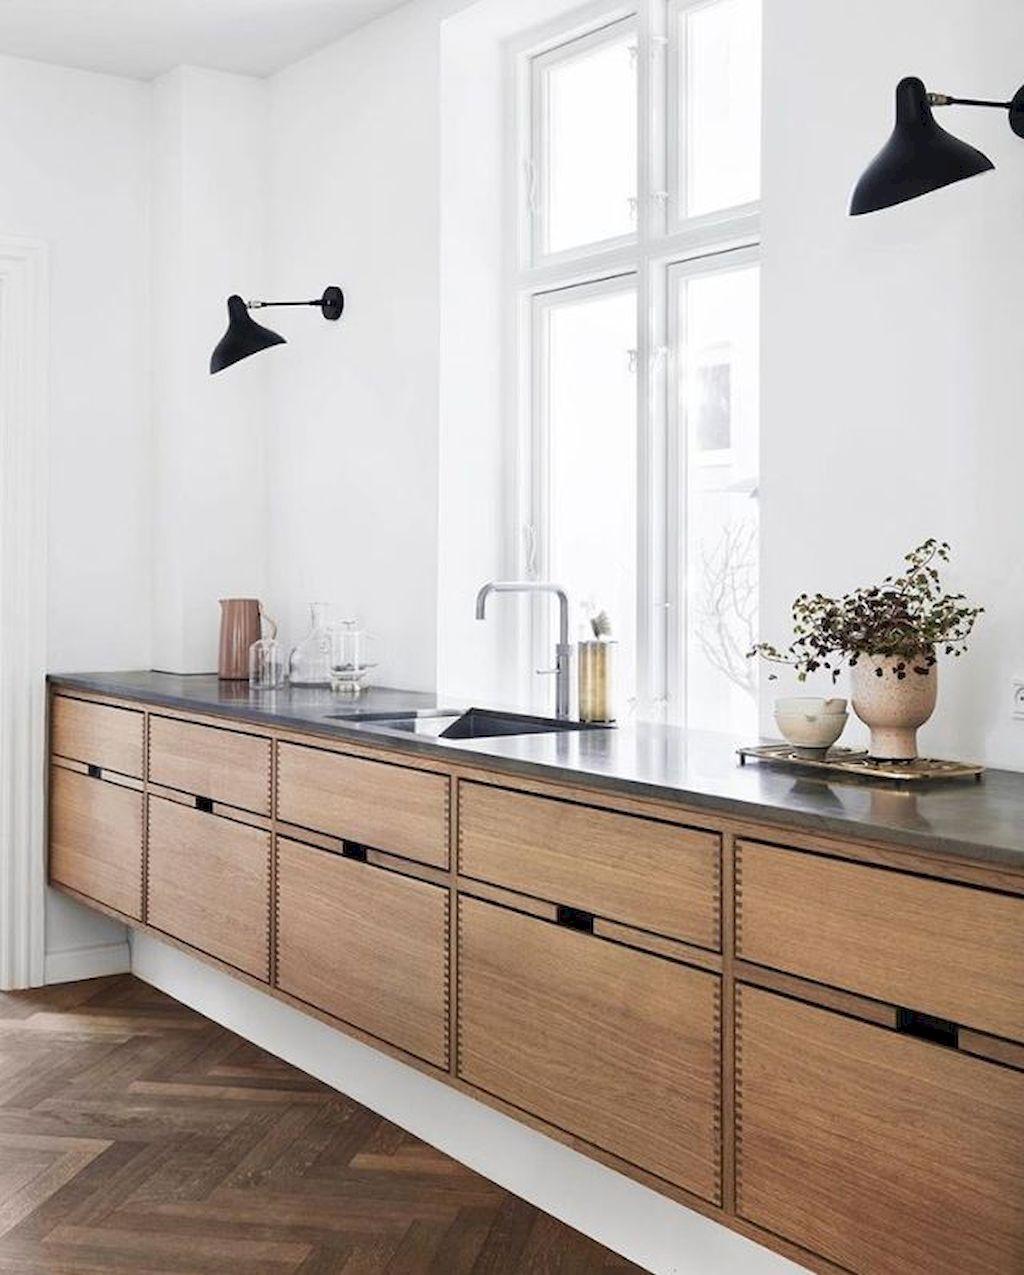 Kitchen Cabinet062